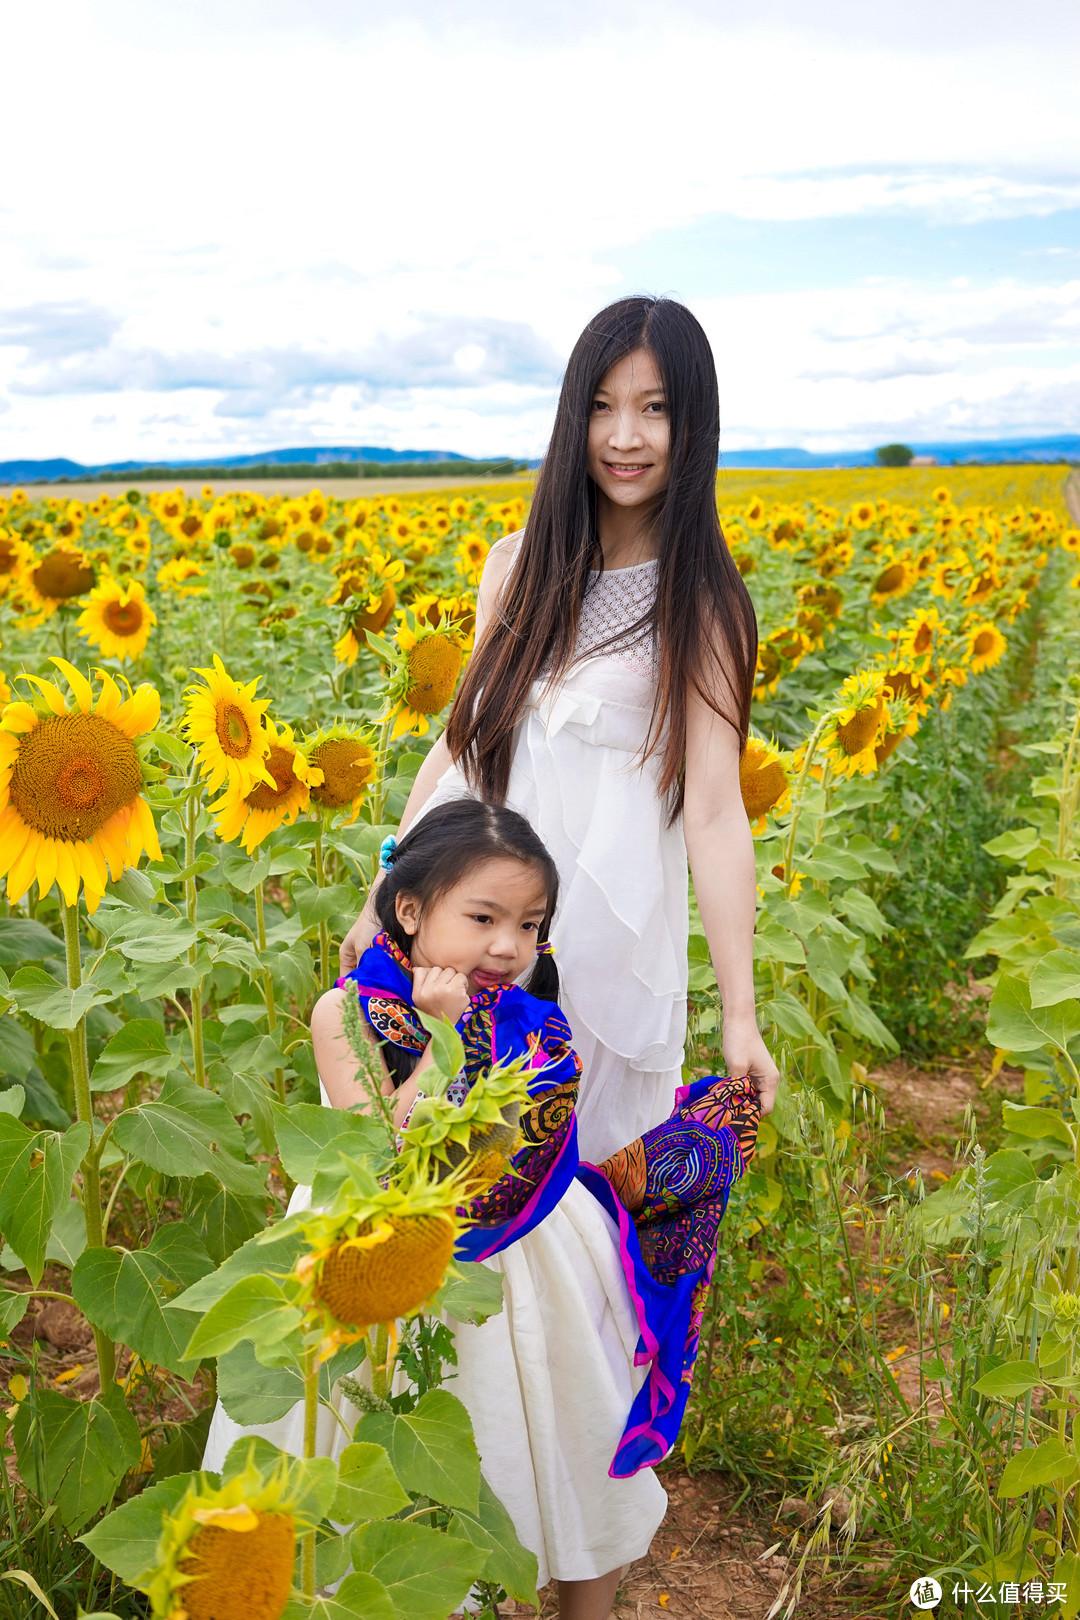 梵高和薰衣草向日葵,回忆南法之行